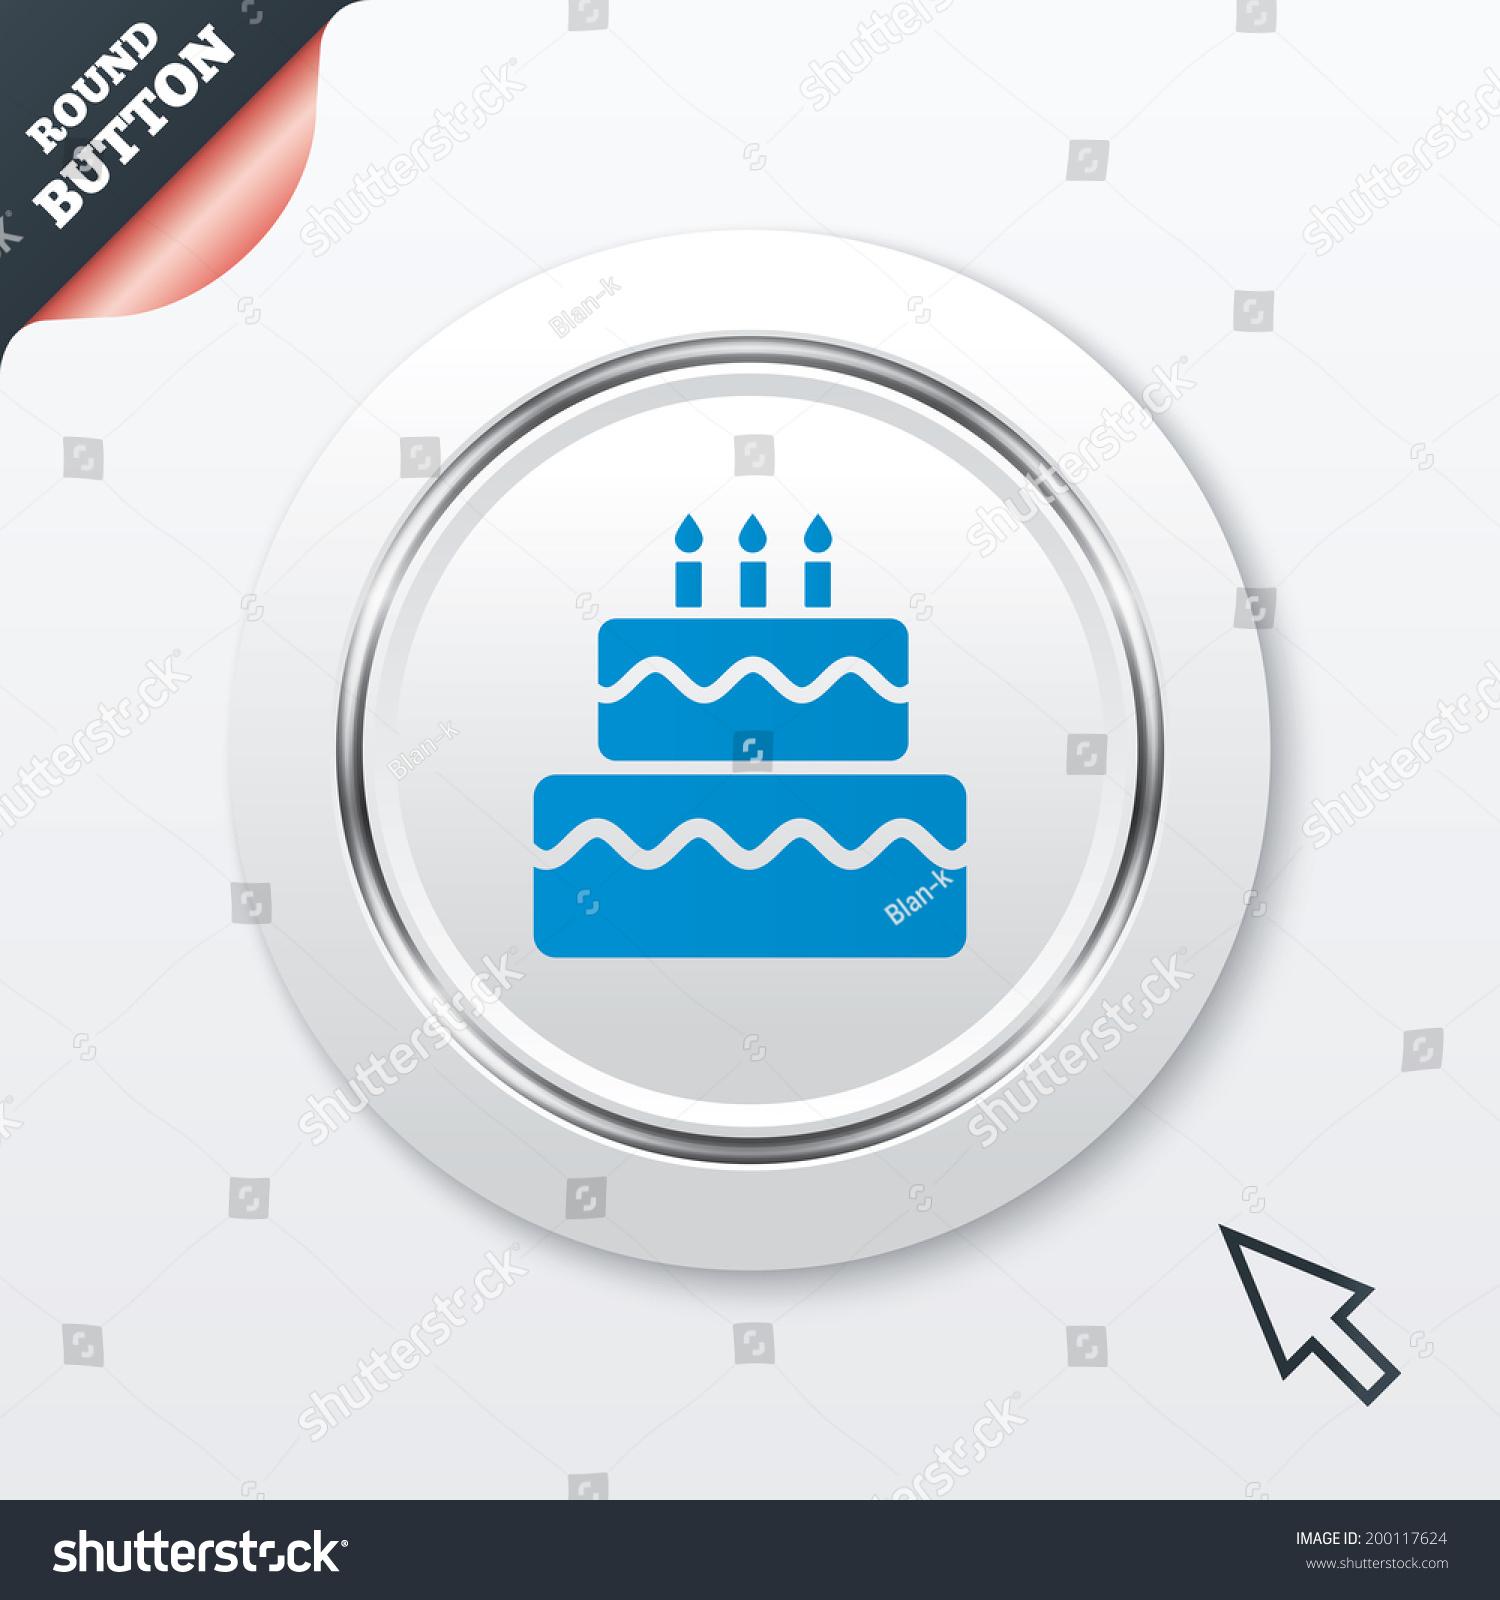 Birthday cake with keyboard symbols image collections symbol and birthday cake sign icon cake burning stock illustration 200117624 birthday cake sign icon cake with burning biocorpaavc